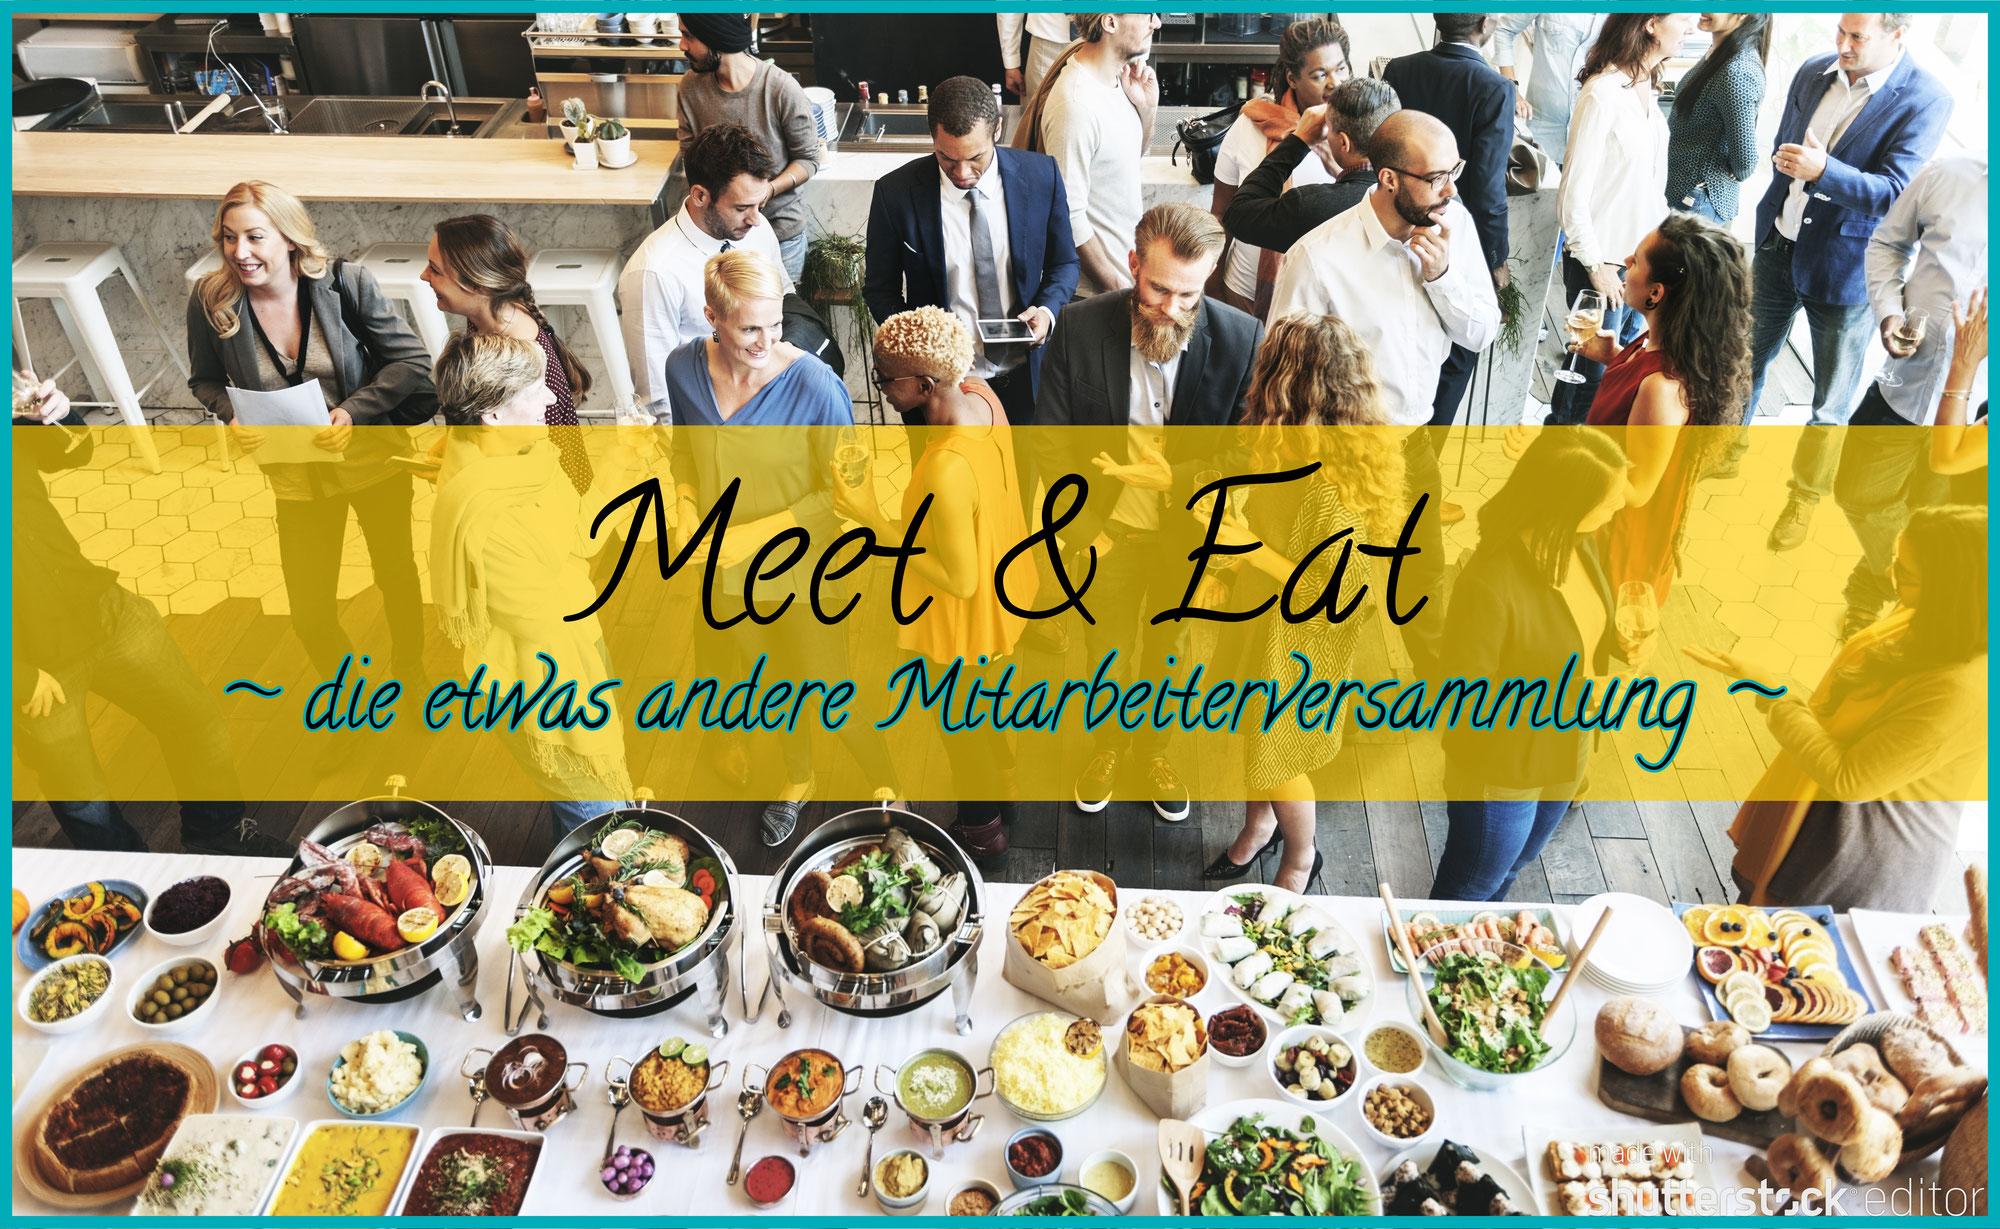 Meet & Eat 2017